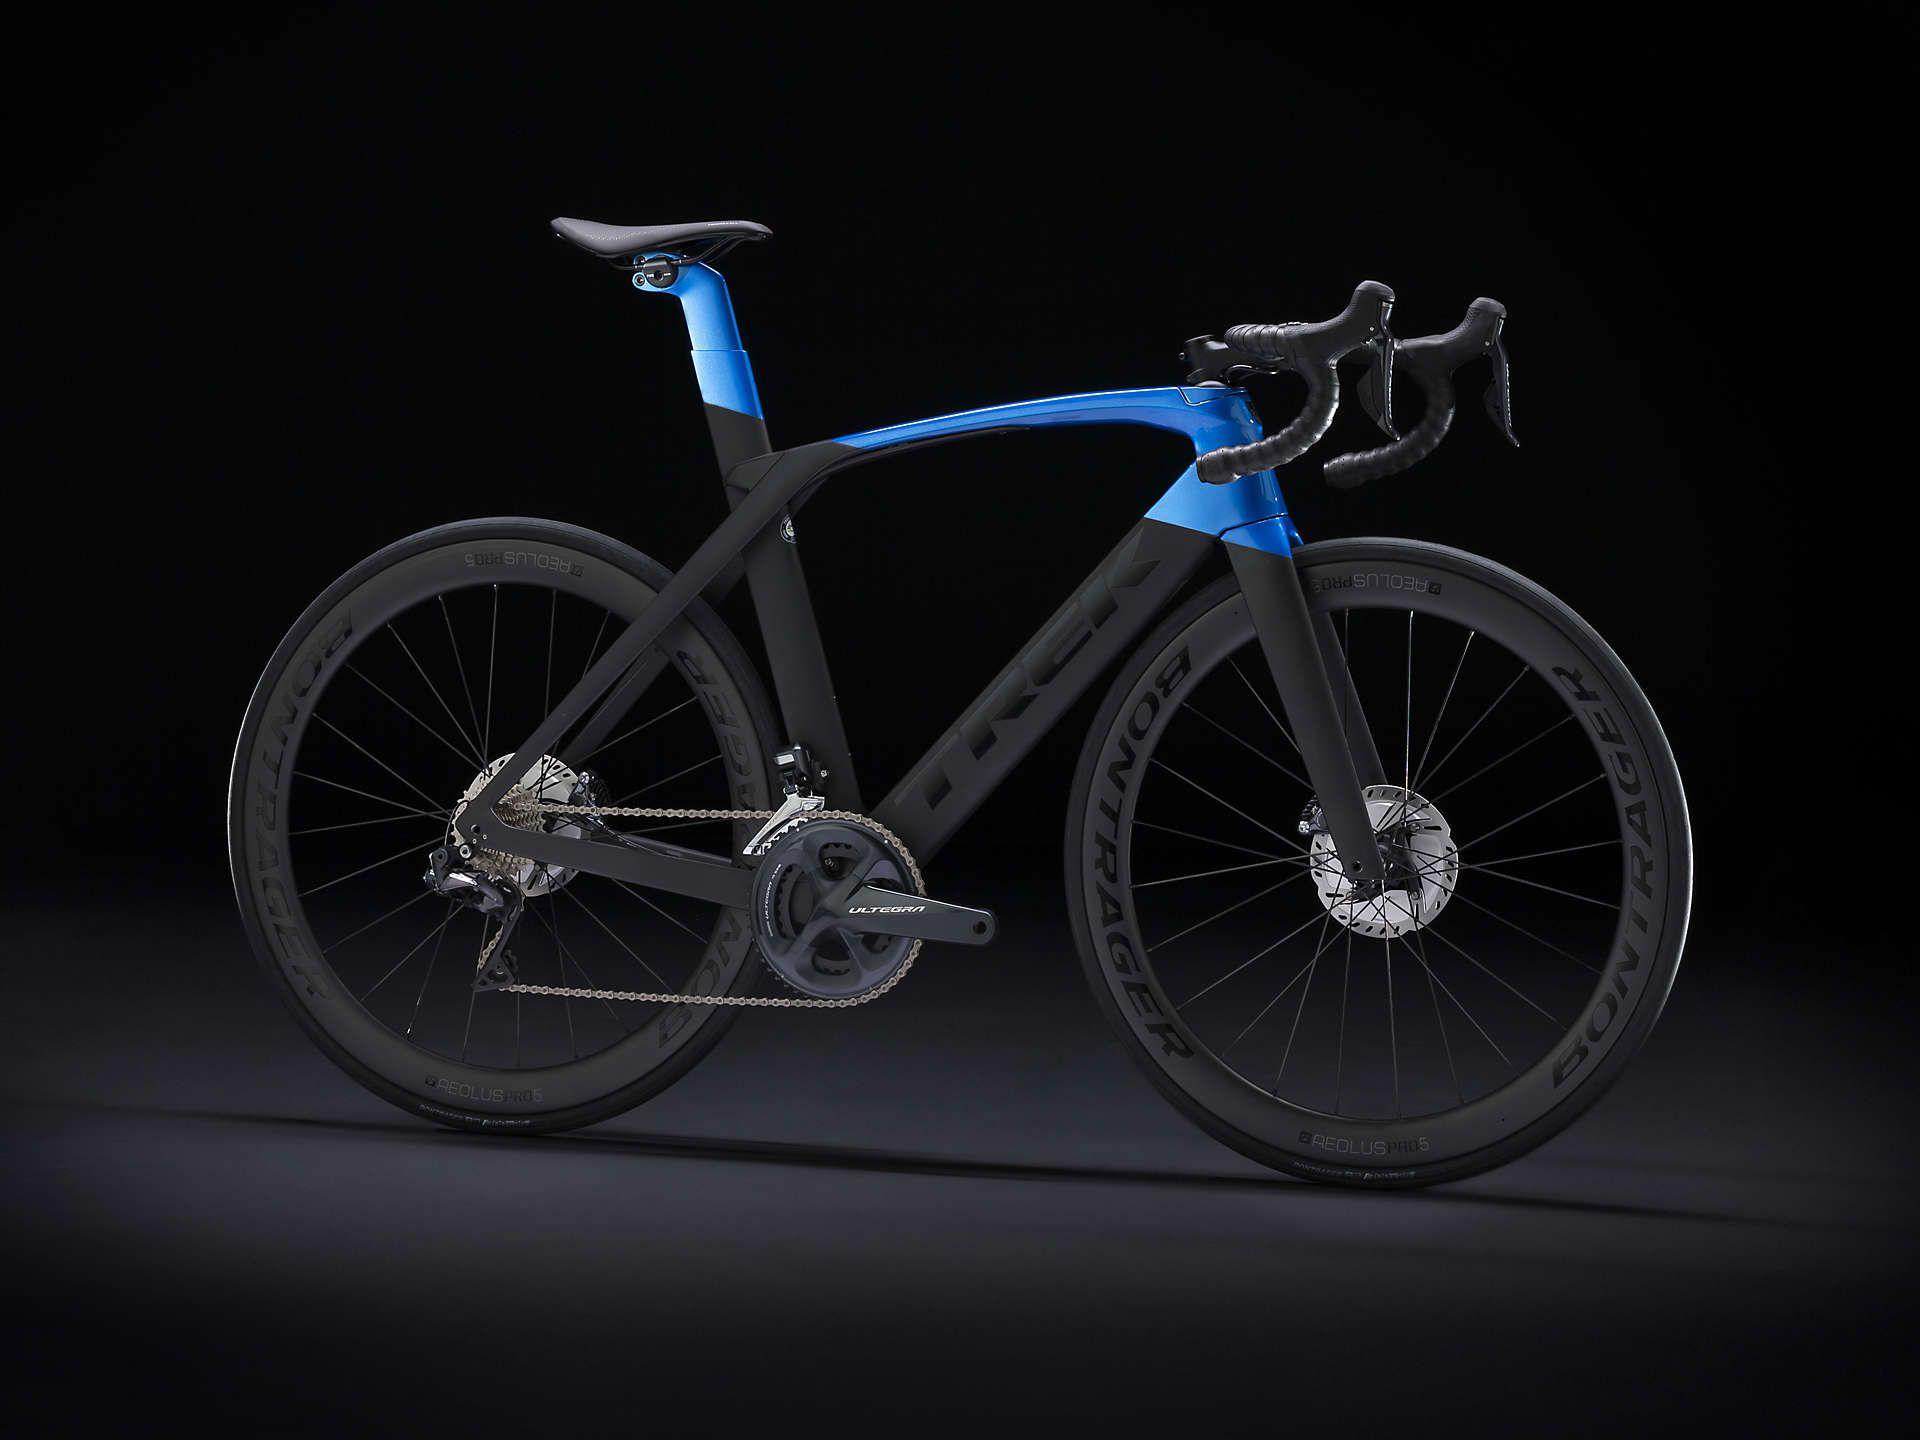 Madone Sl 7 Disc Trek Bikes Nz Trek Bikes Bike Road Bike